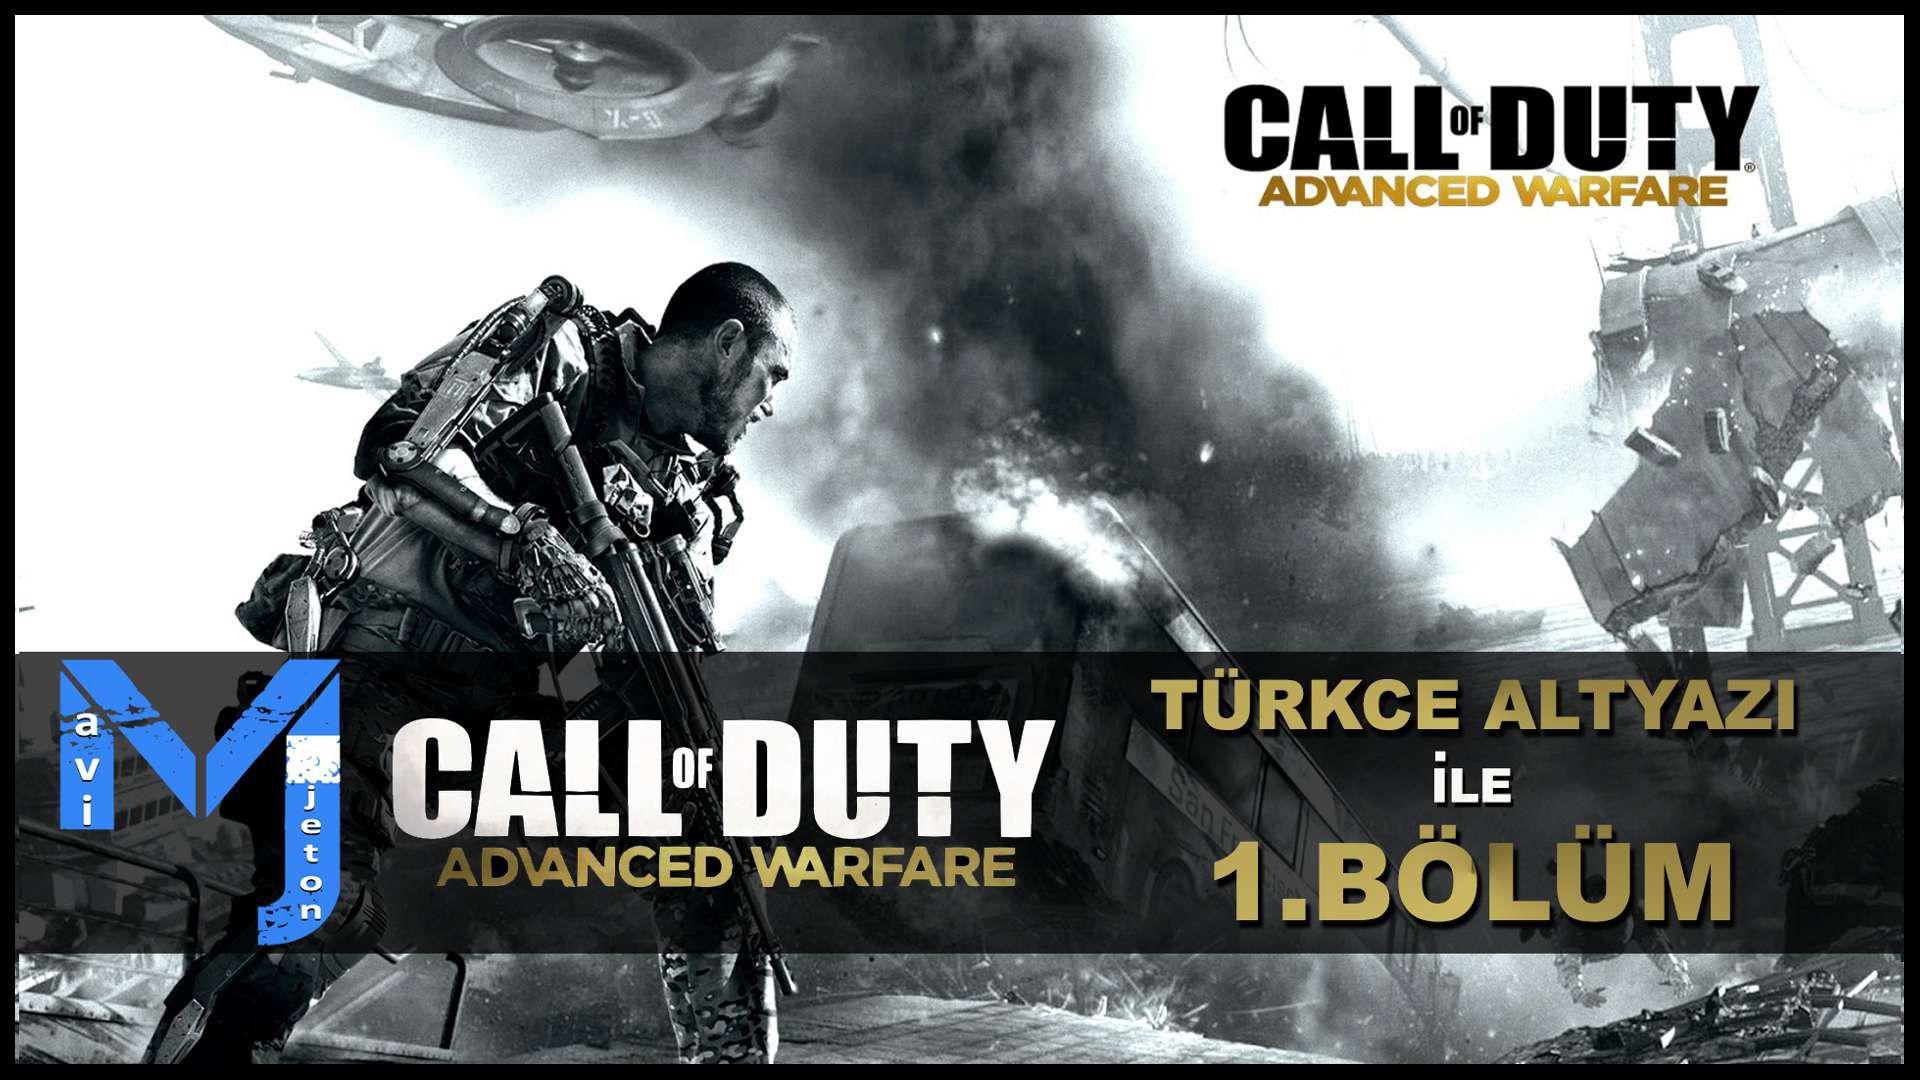 Call of Duty Advanced Warfare Türkçe Altyazı